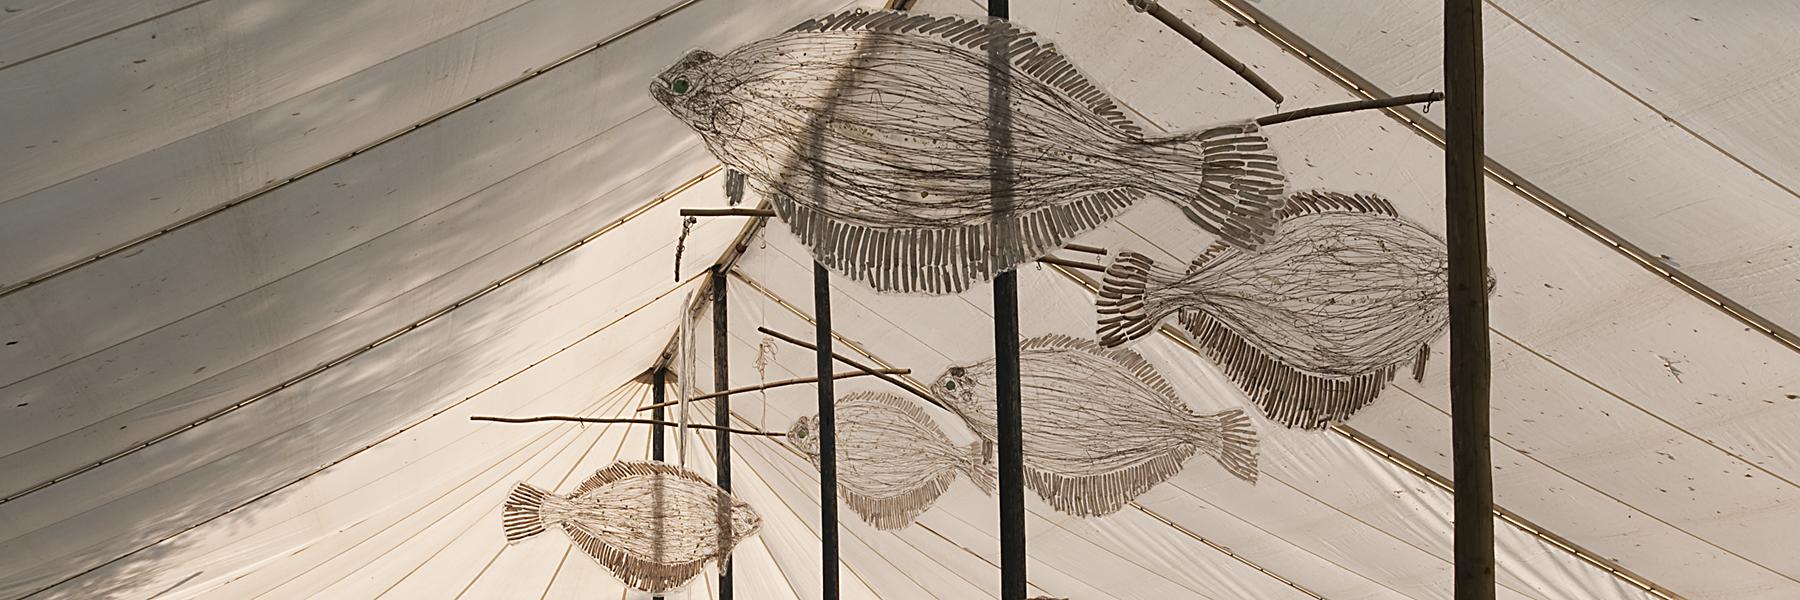 Vissen brf14 7360